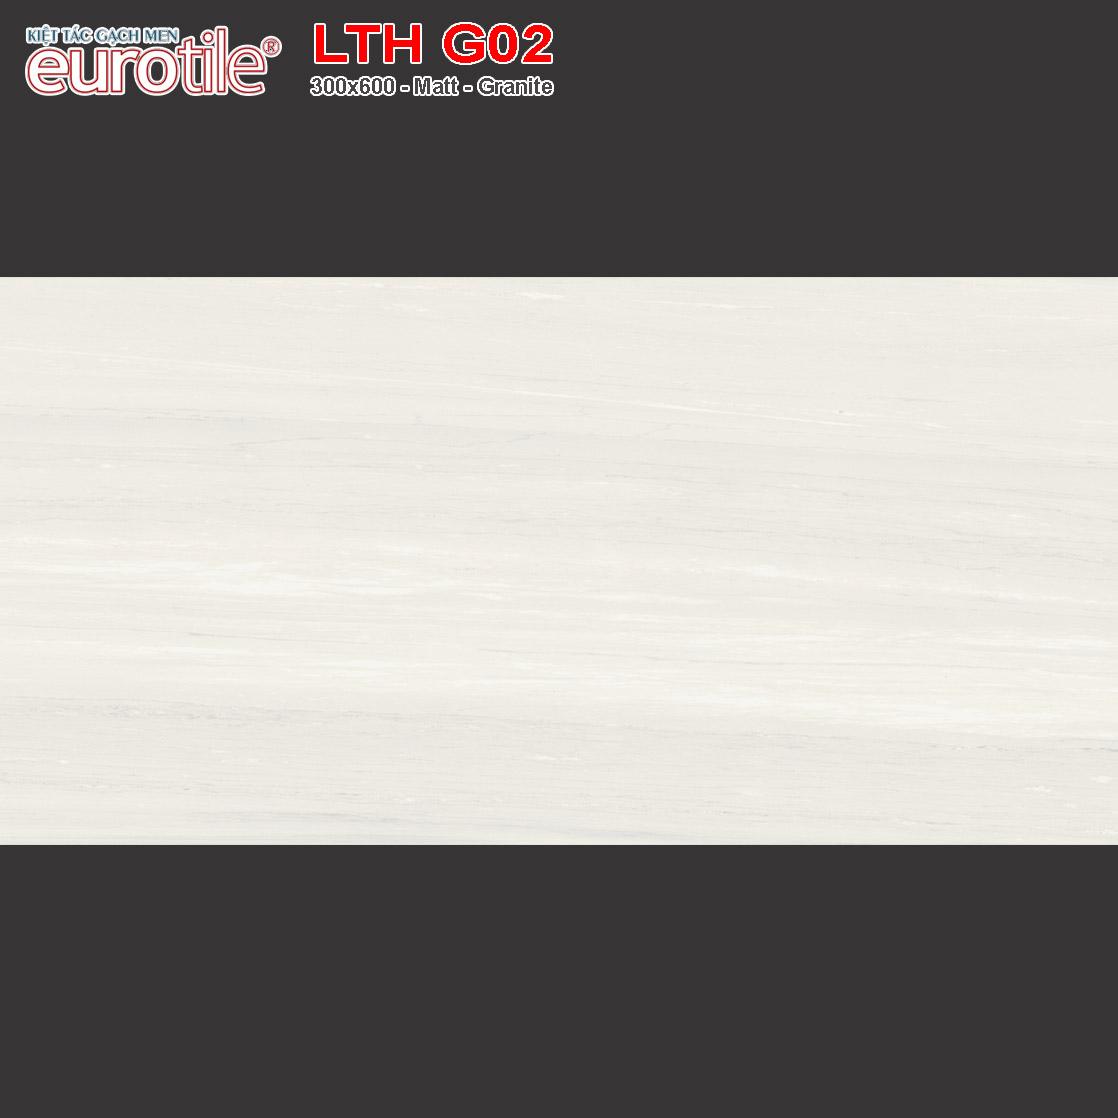 Gạch ốp lát 300x600 Eurotile Lưu Thủy LTH G02 giá tốt